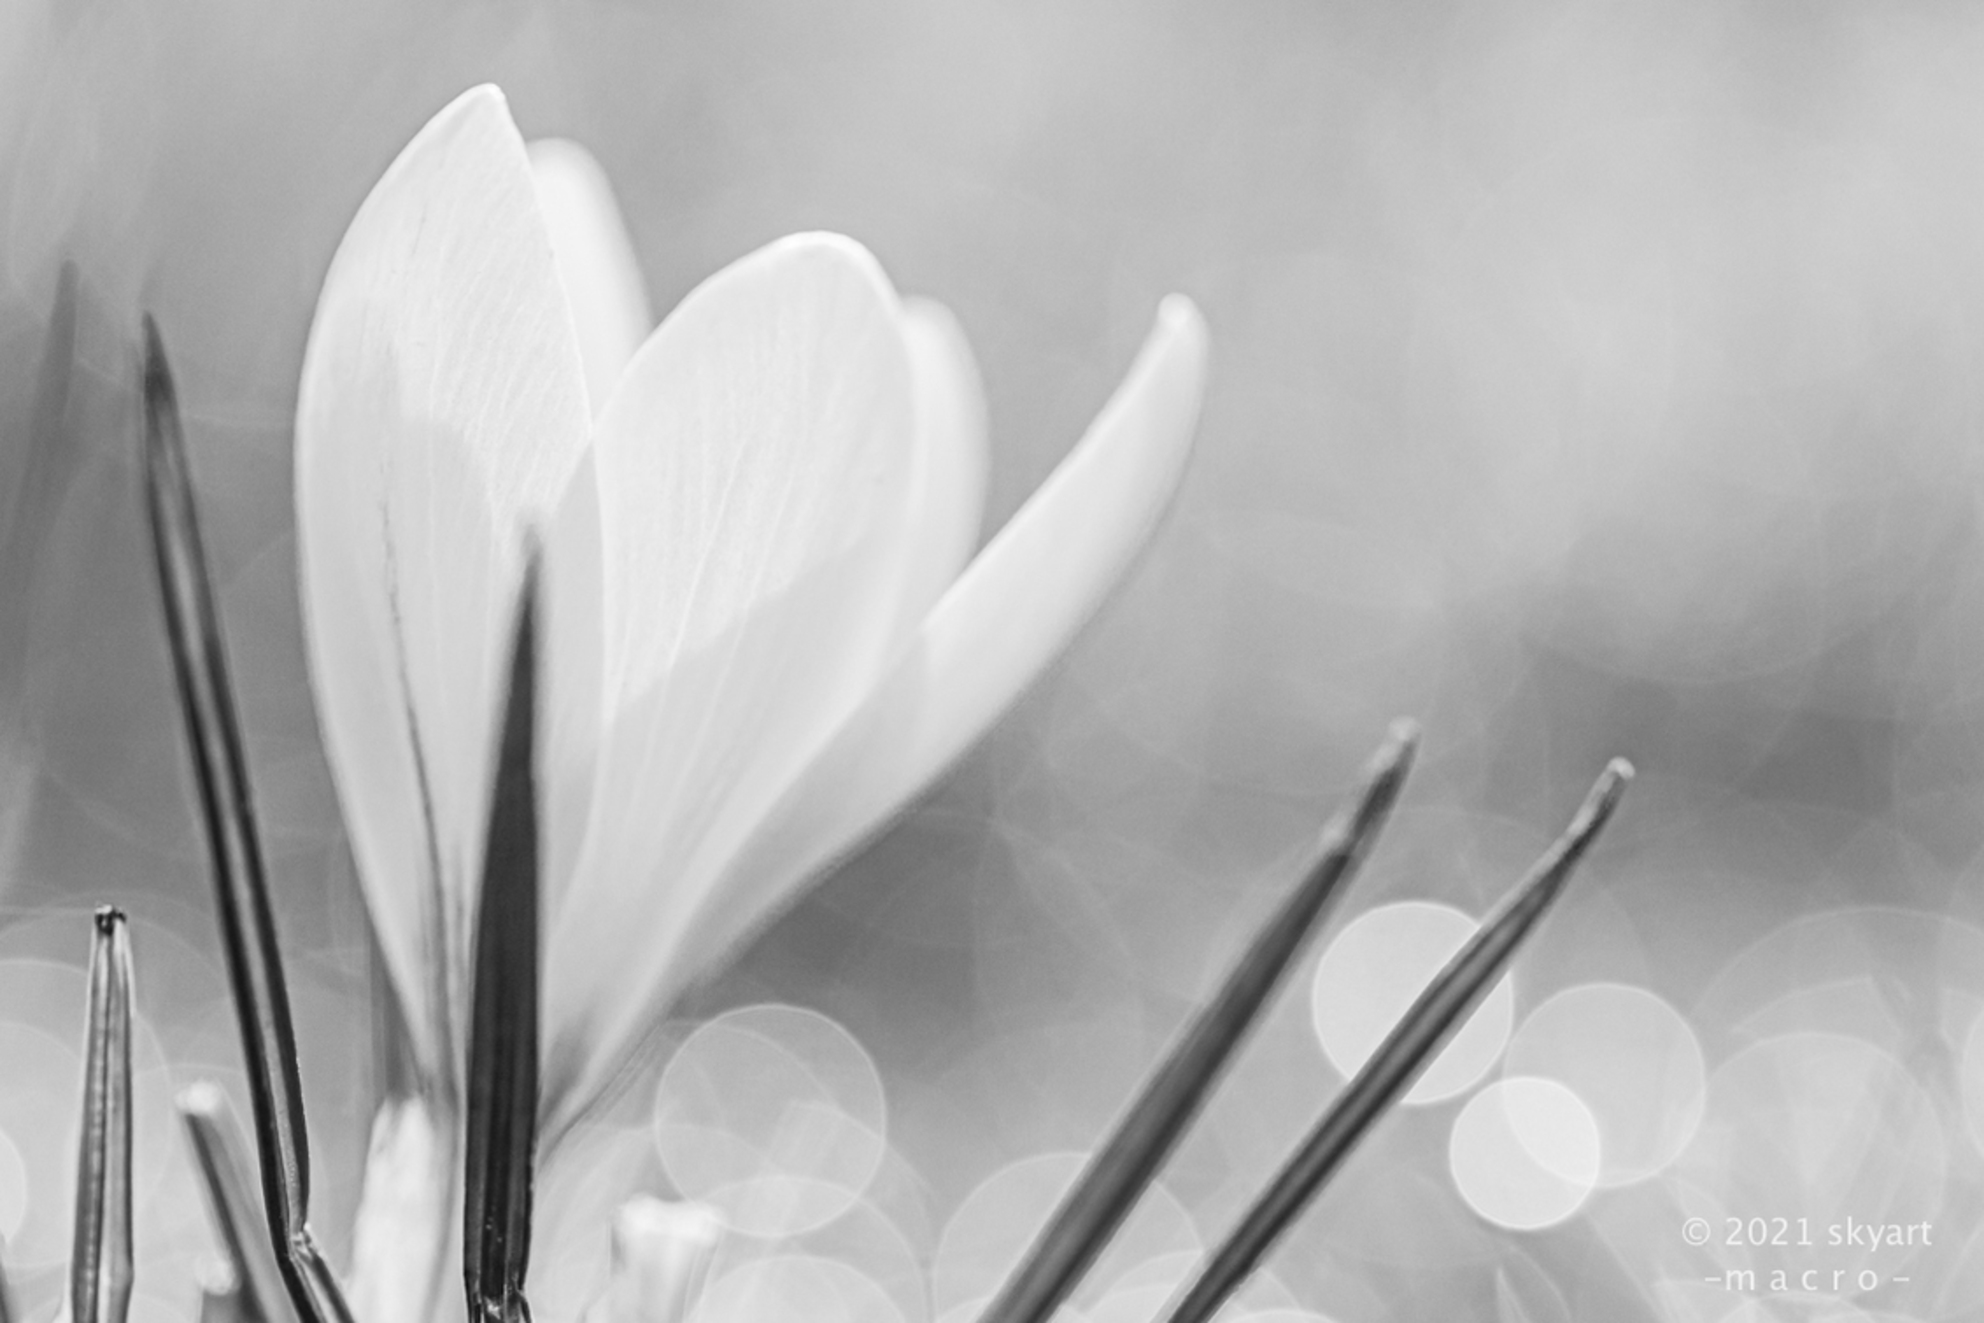 Lente - - - foto door skyart op 25-02-2021 - deze foto bevat: macro, wit, zon, bloem, lente, natuur, zwart, tegenlicht, dof, bokeh - Deze foto mag gebruikt worden in een Zoom.nl publicatie